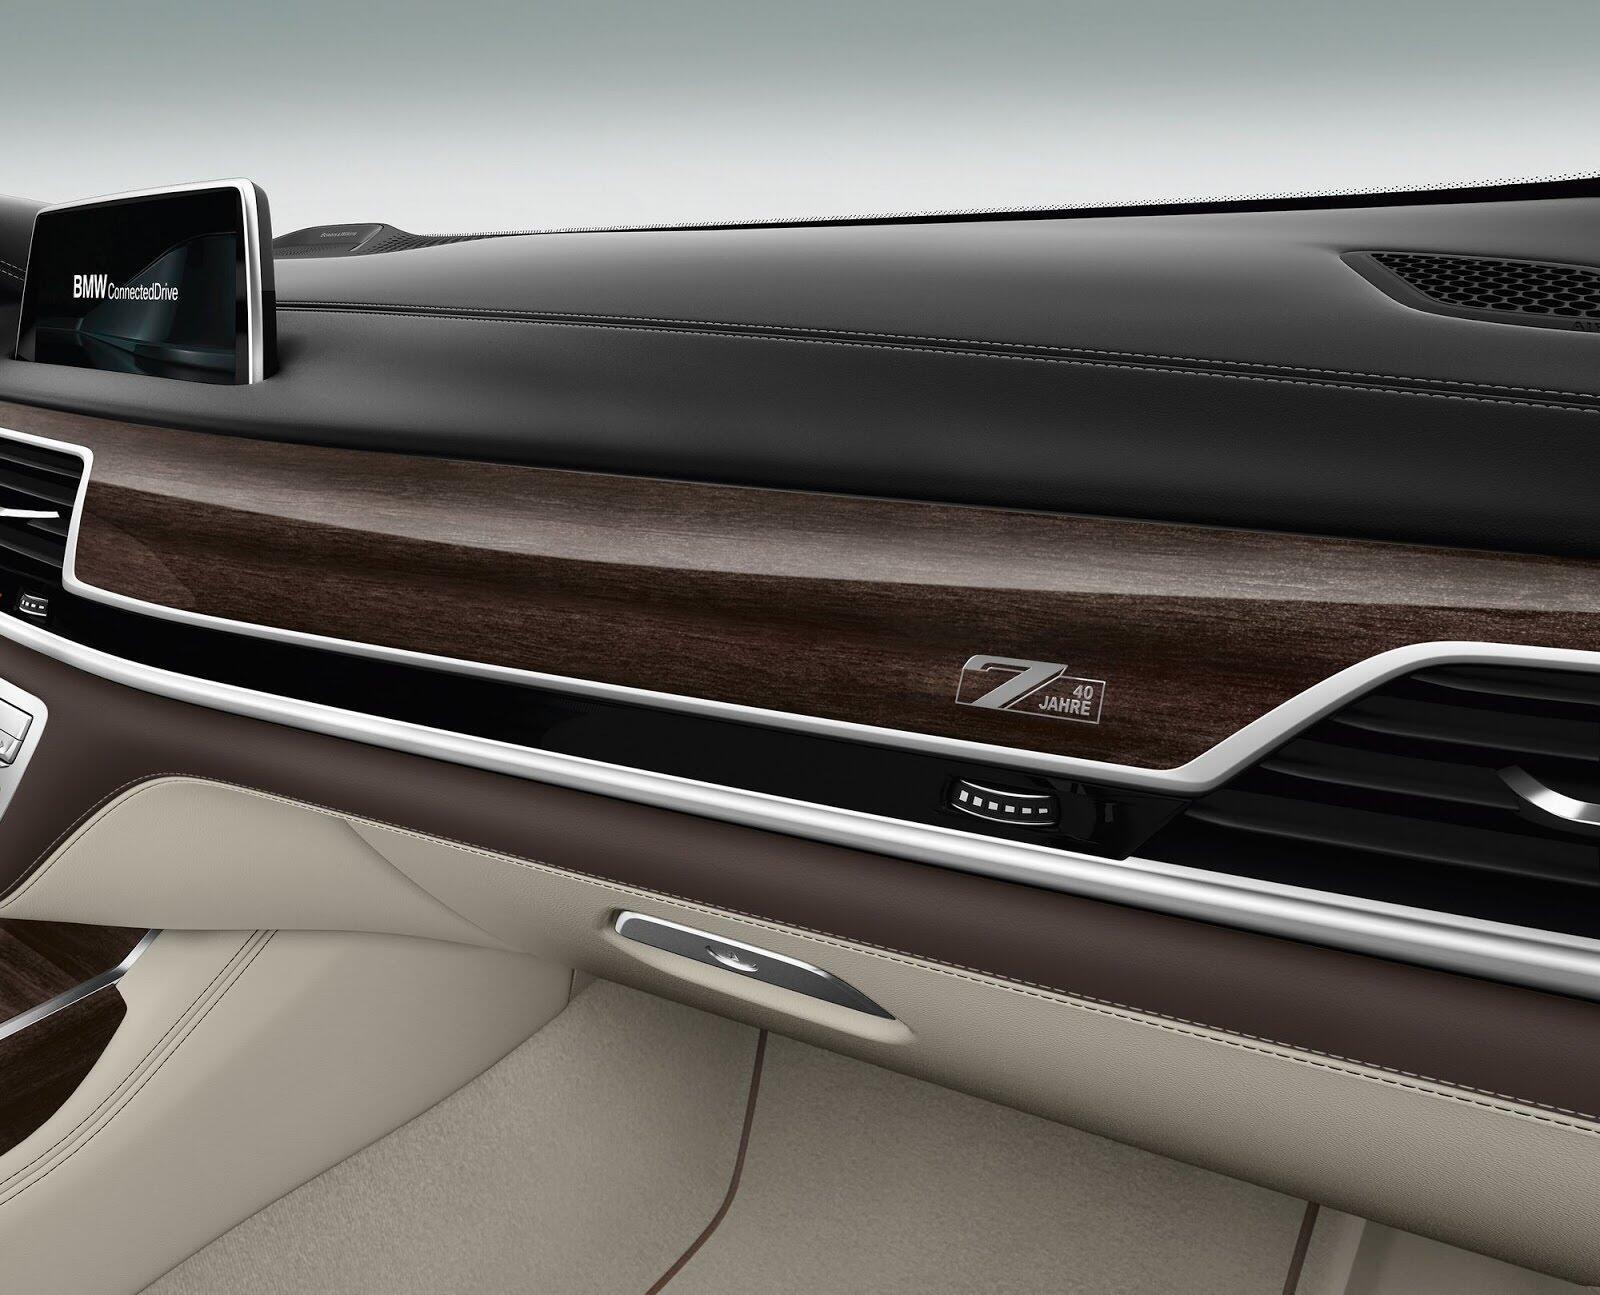 BMW 7-Series ra mắt phiên bản kỷ niệm chỉ 200 chiếc - Hình 5